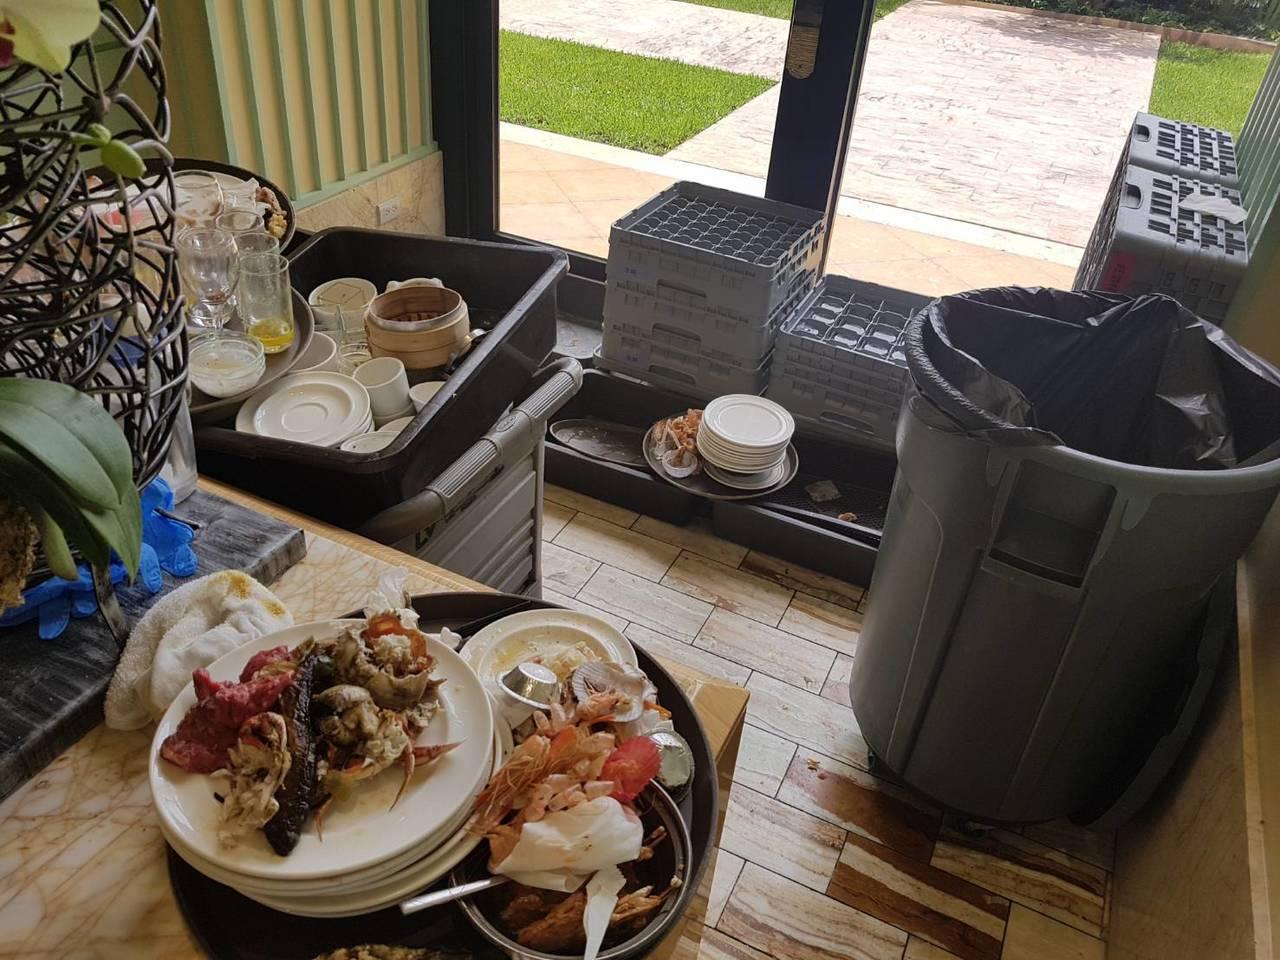 高雄市衛生局到林皇宮餐廳的餐飲作業區稽查,發現有肉品未離地放置、垃圾桶未加蓋等情...